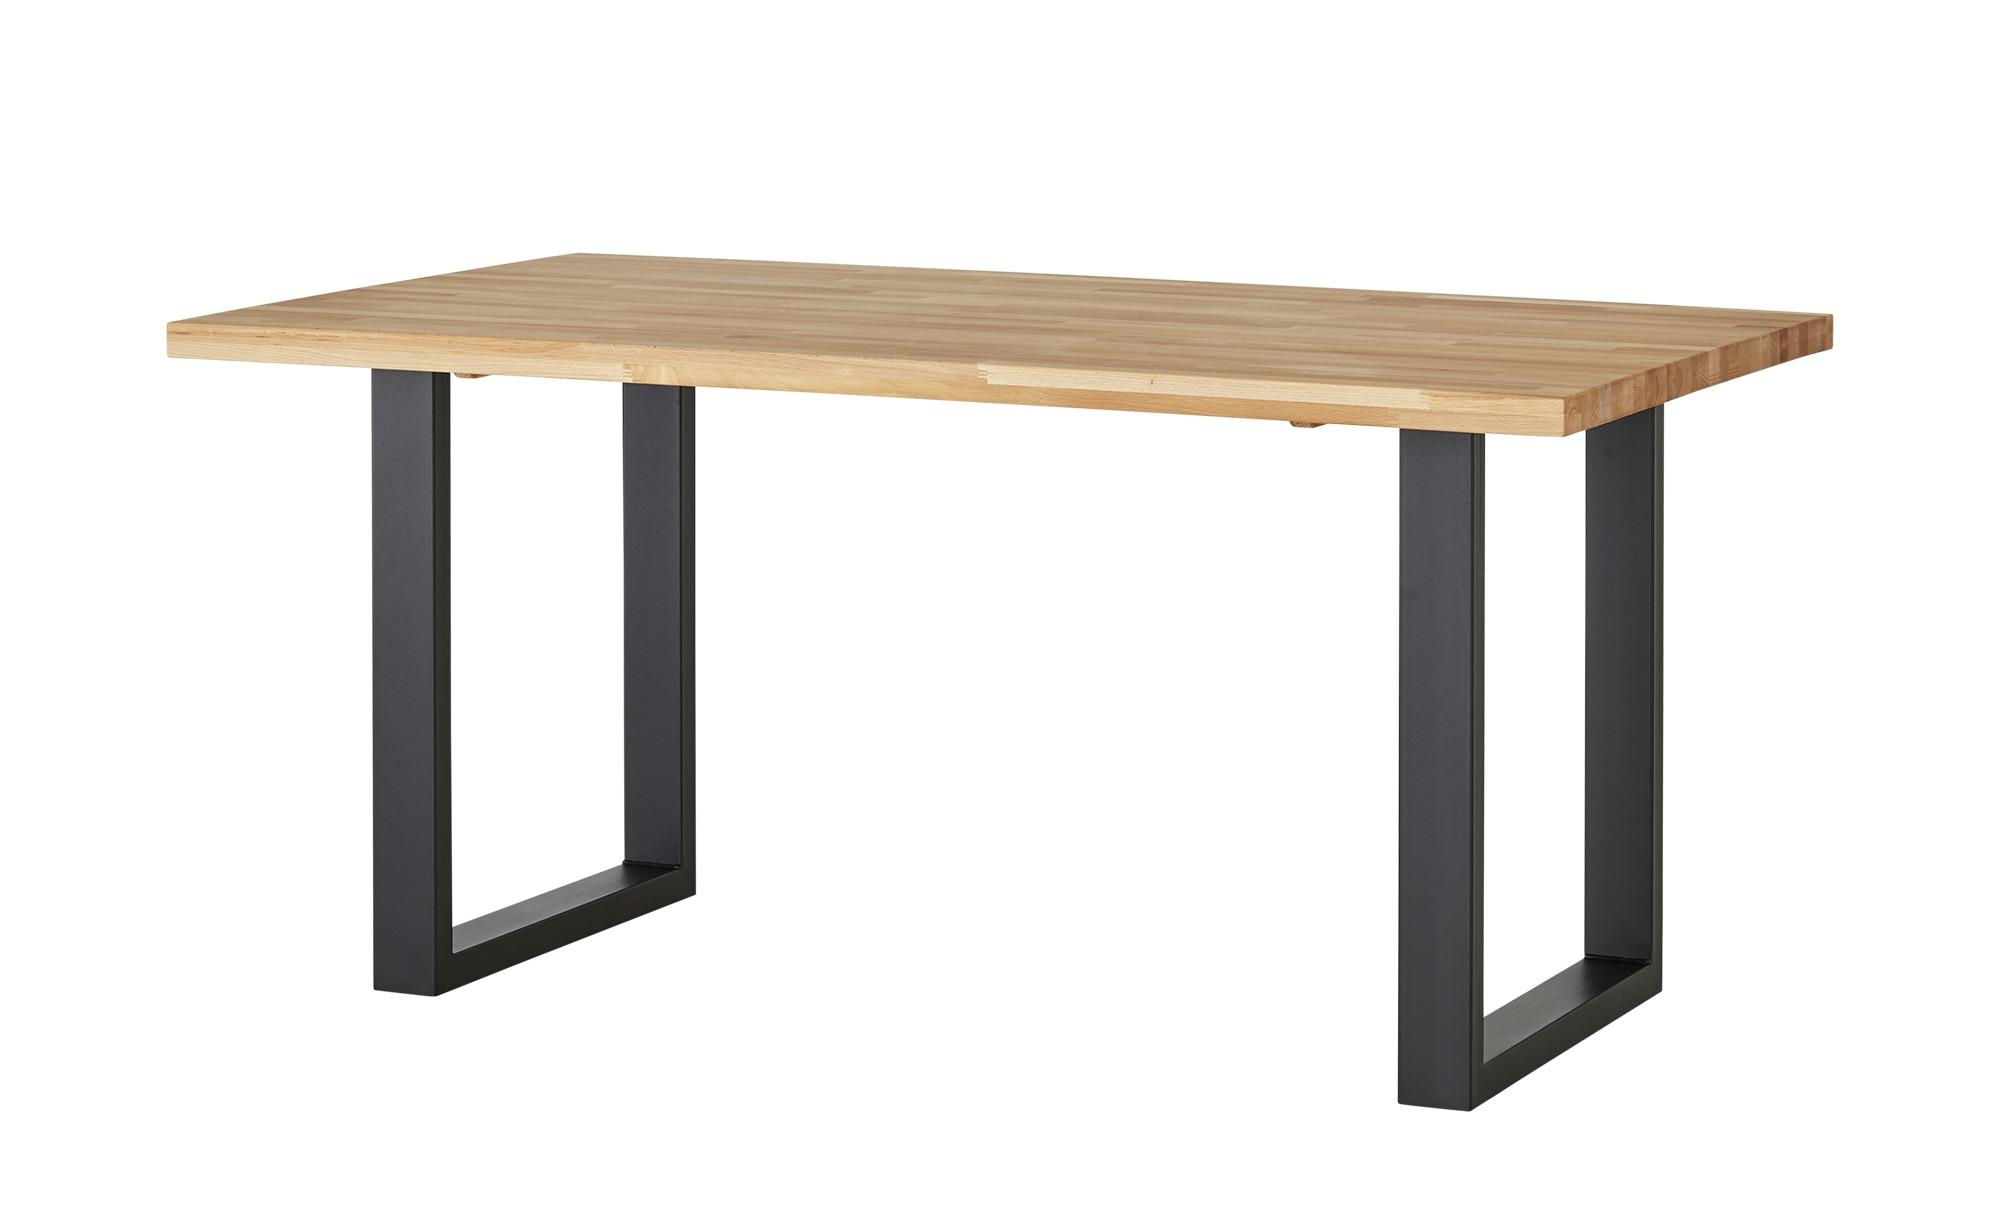 Esstisch  Mirko ¦ Maße (cm): B: 90 H: 77 Tische > Esstische > Esstische massiv - Höffner